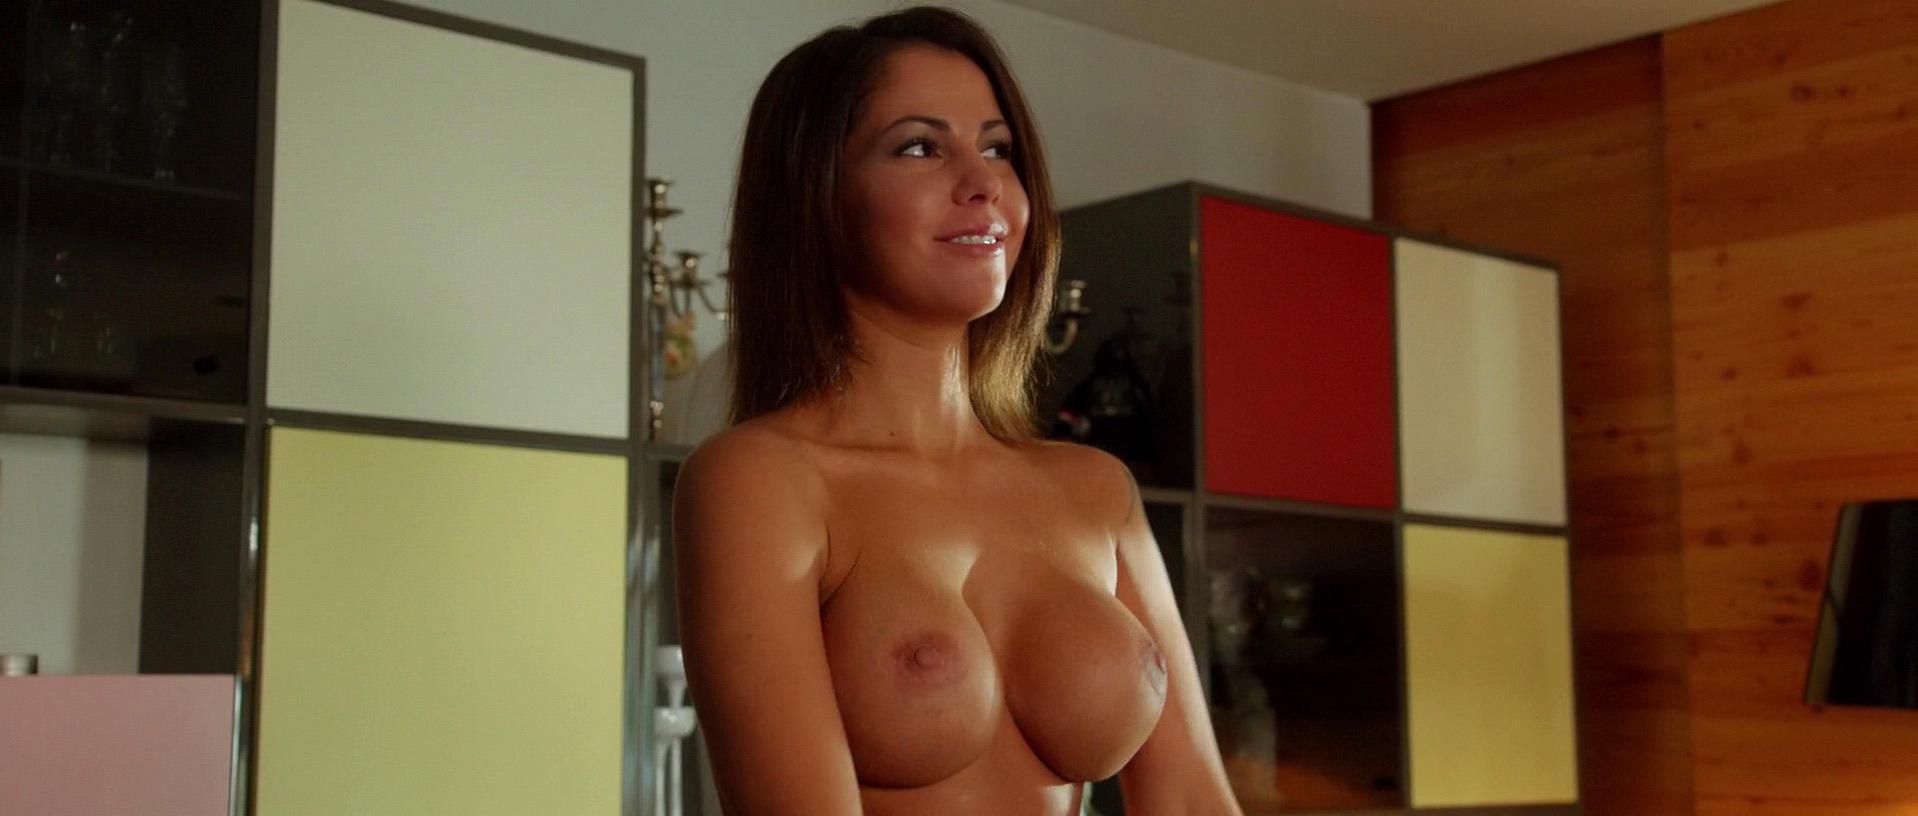 Elena Berkova nude - Chto tvoryat muzhchiny 2 (2015)